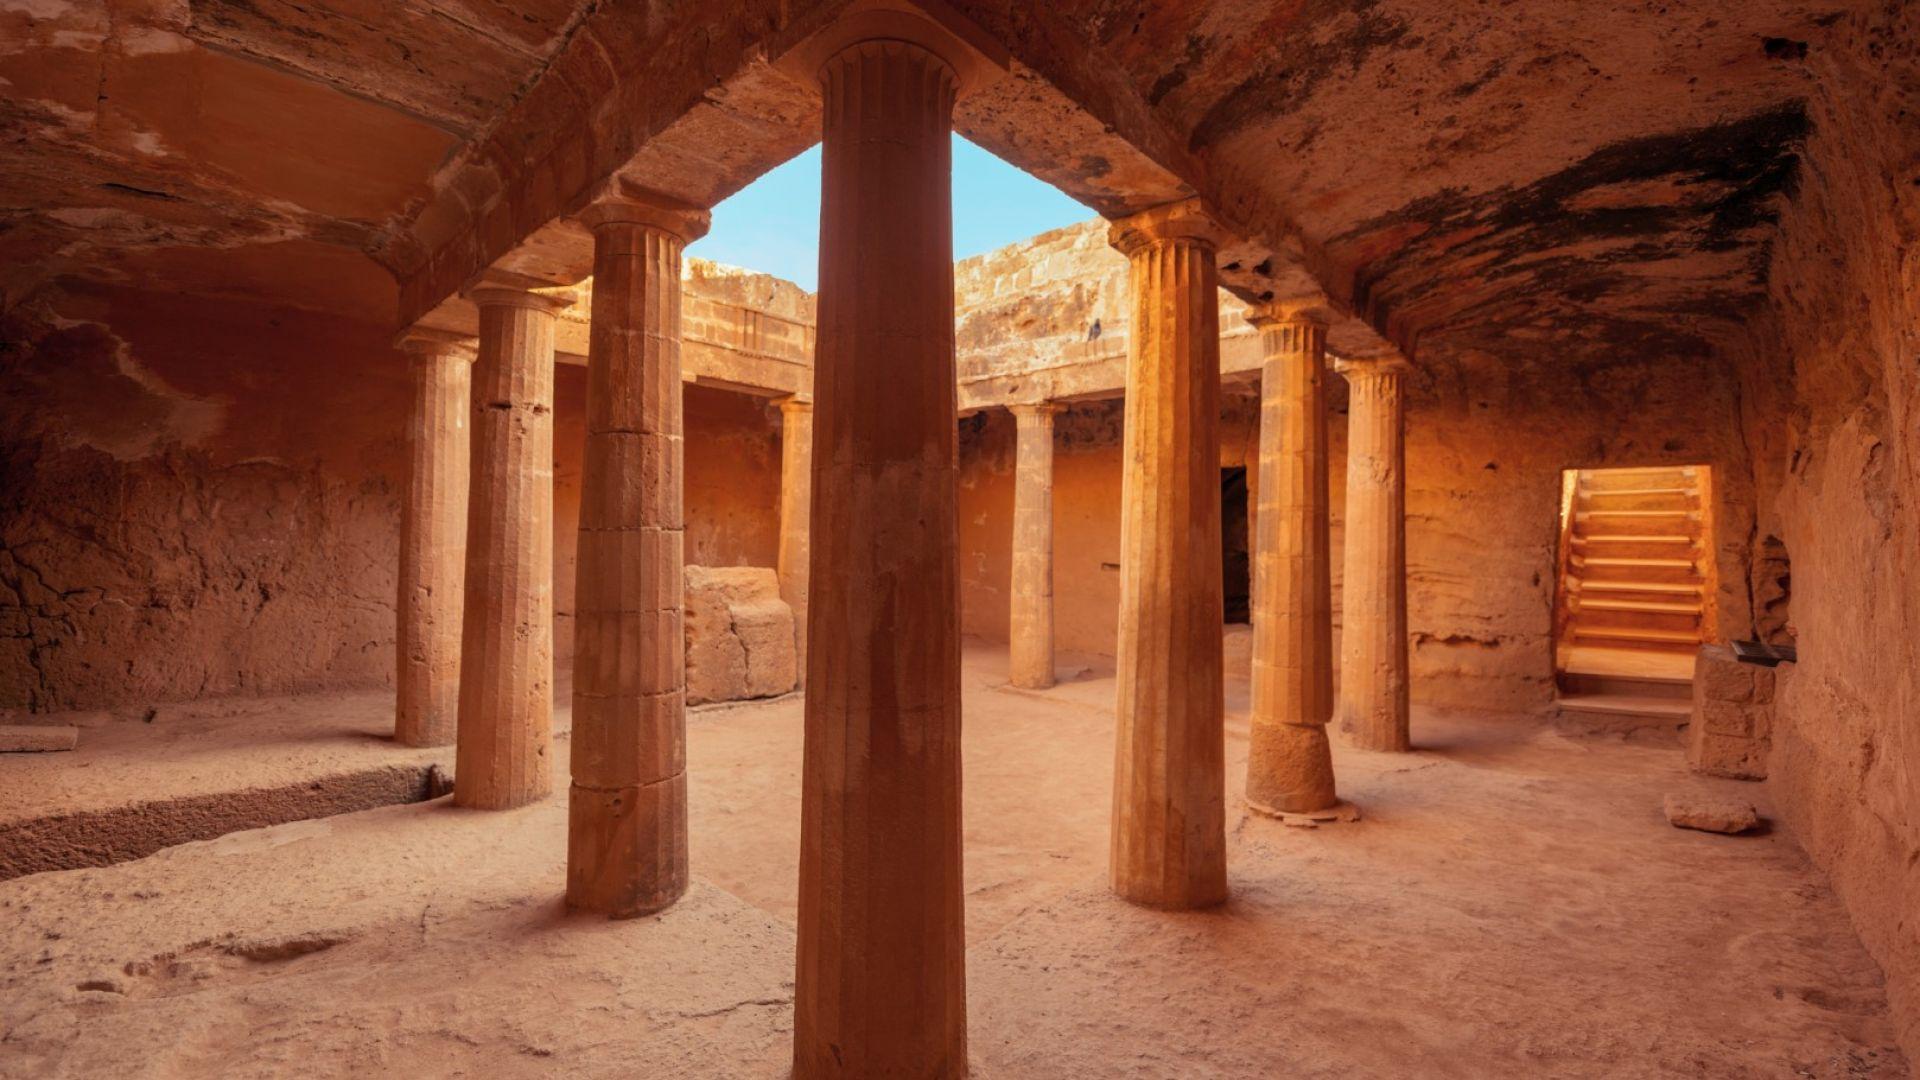 Като Индиана Джоунс в Кипър: Гробниците на царете в Пафос